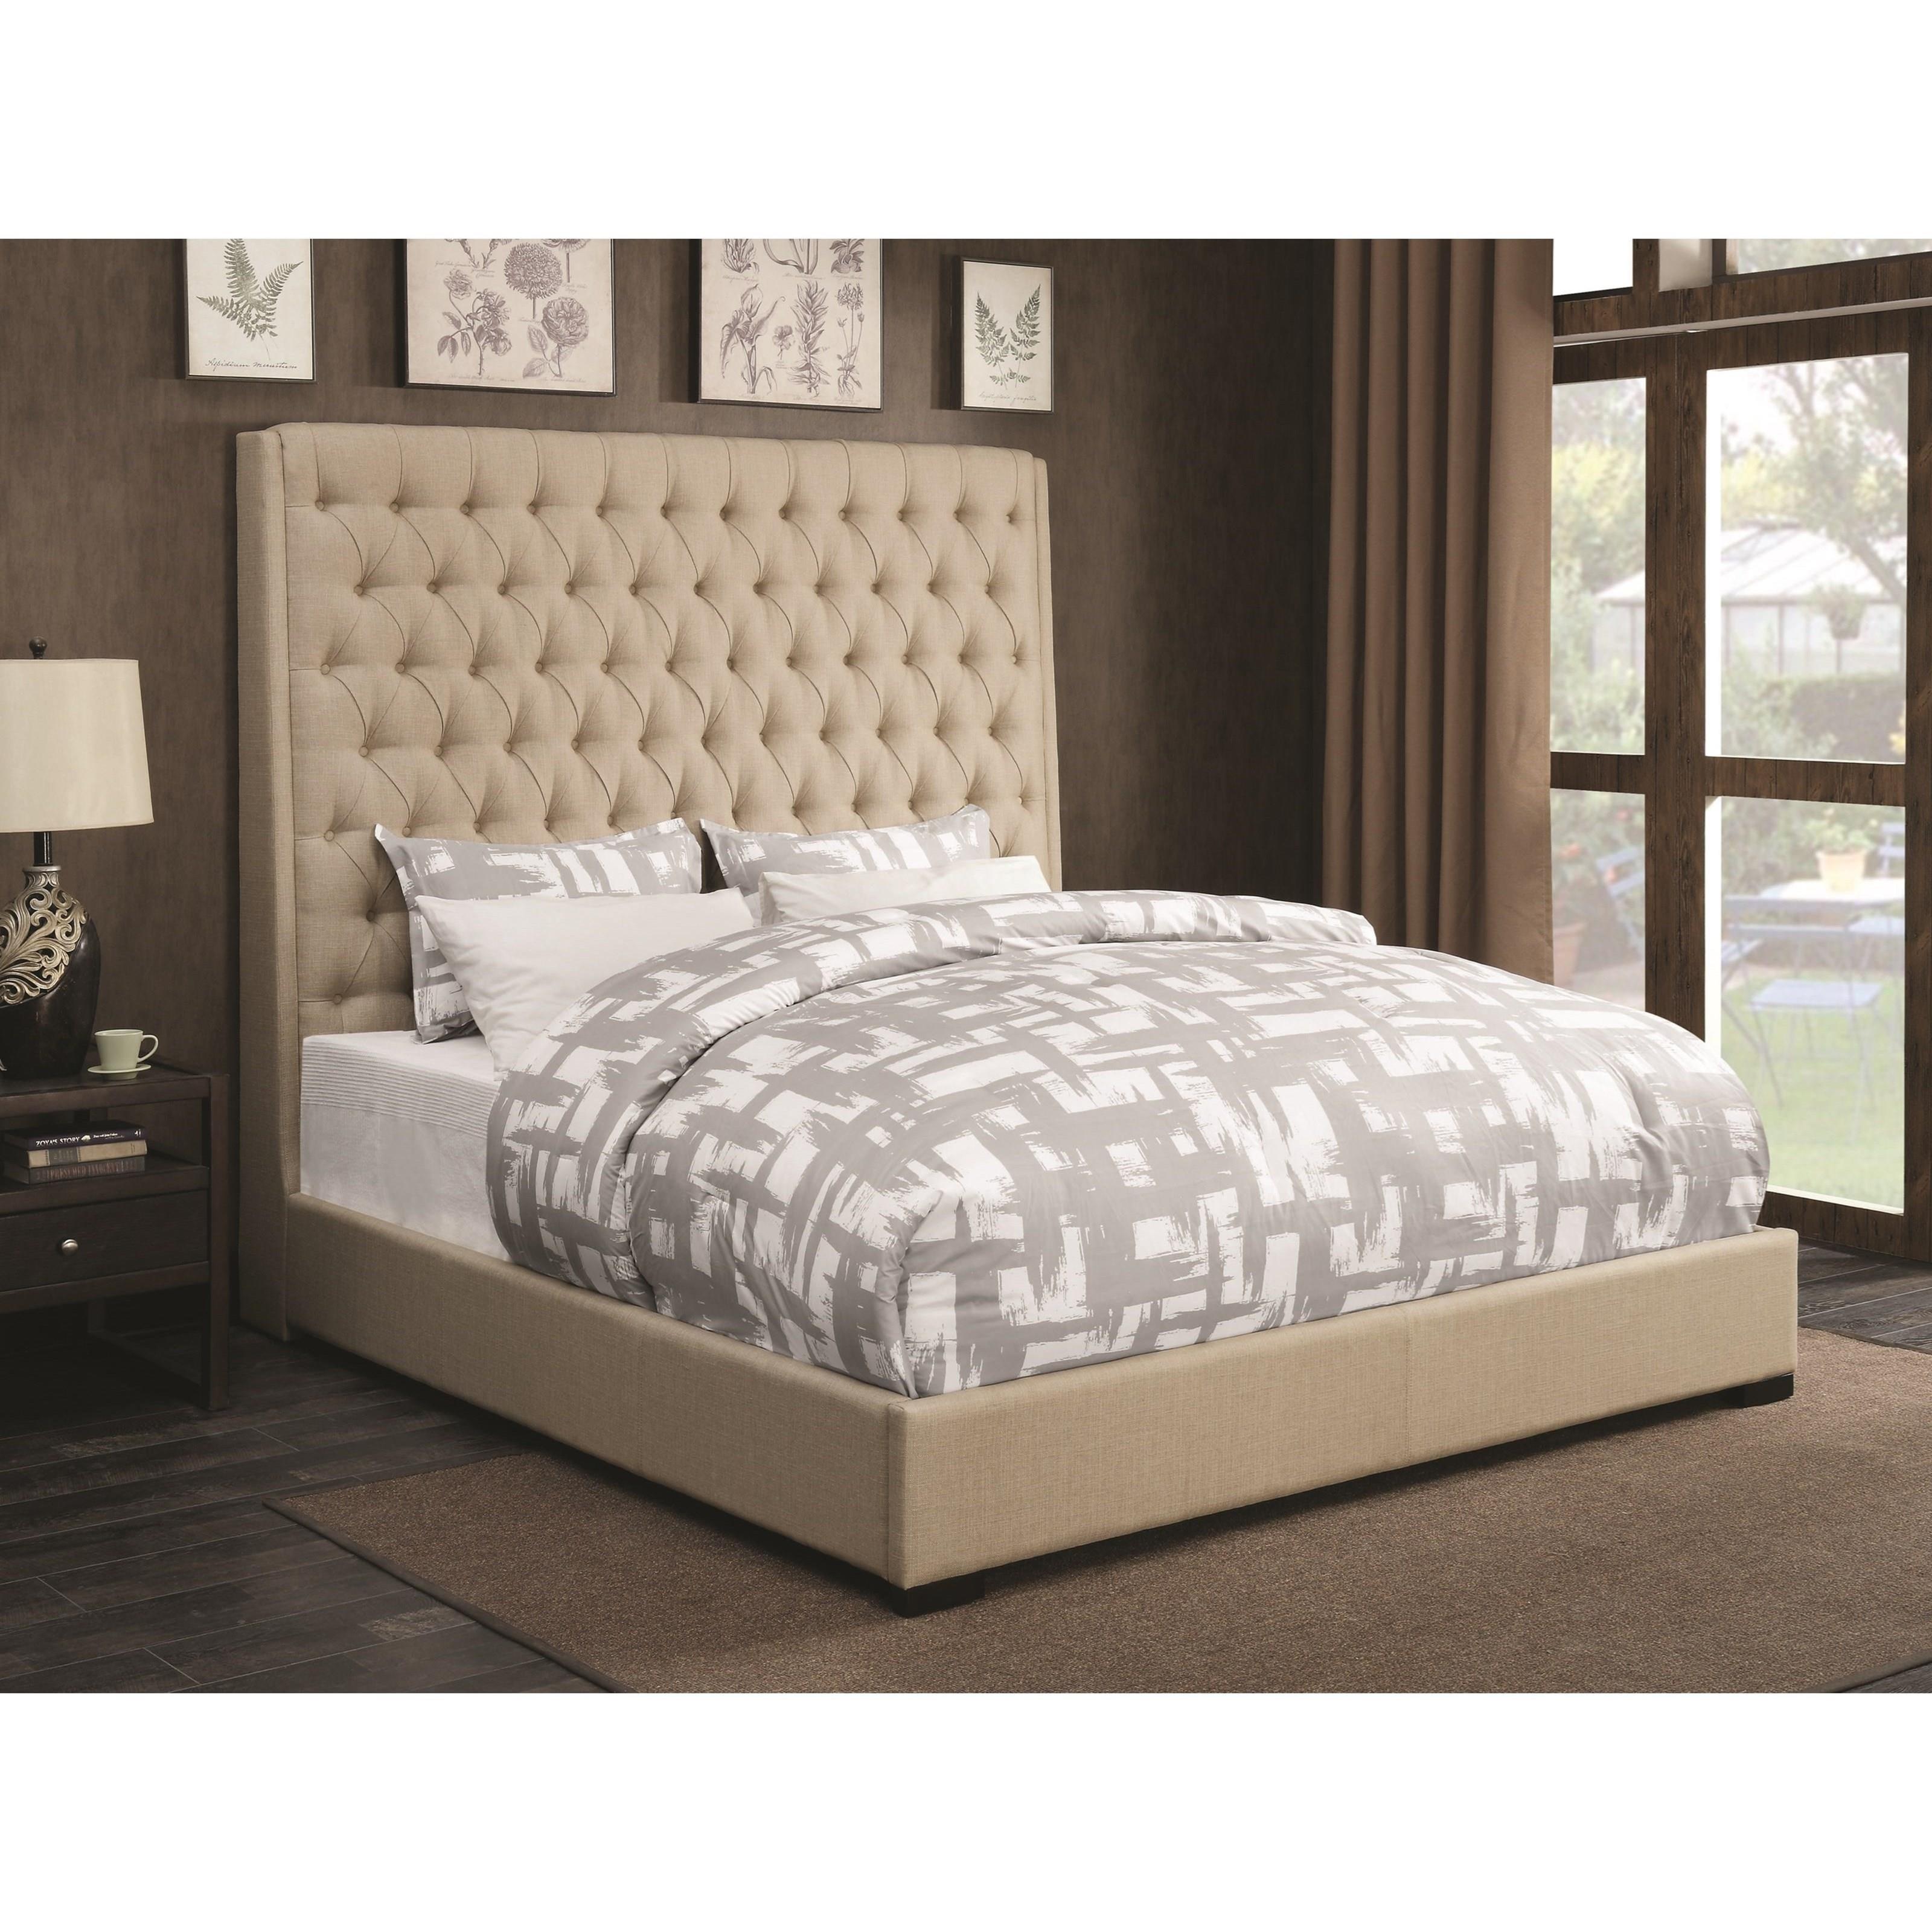 Coaster Upholstered Beds 300722ke Upholstered King Bed With Diamond Tufting Corner Furniture Upholstered Beds